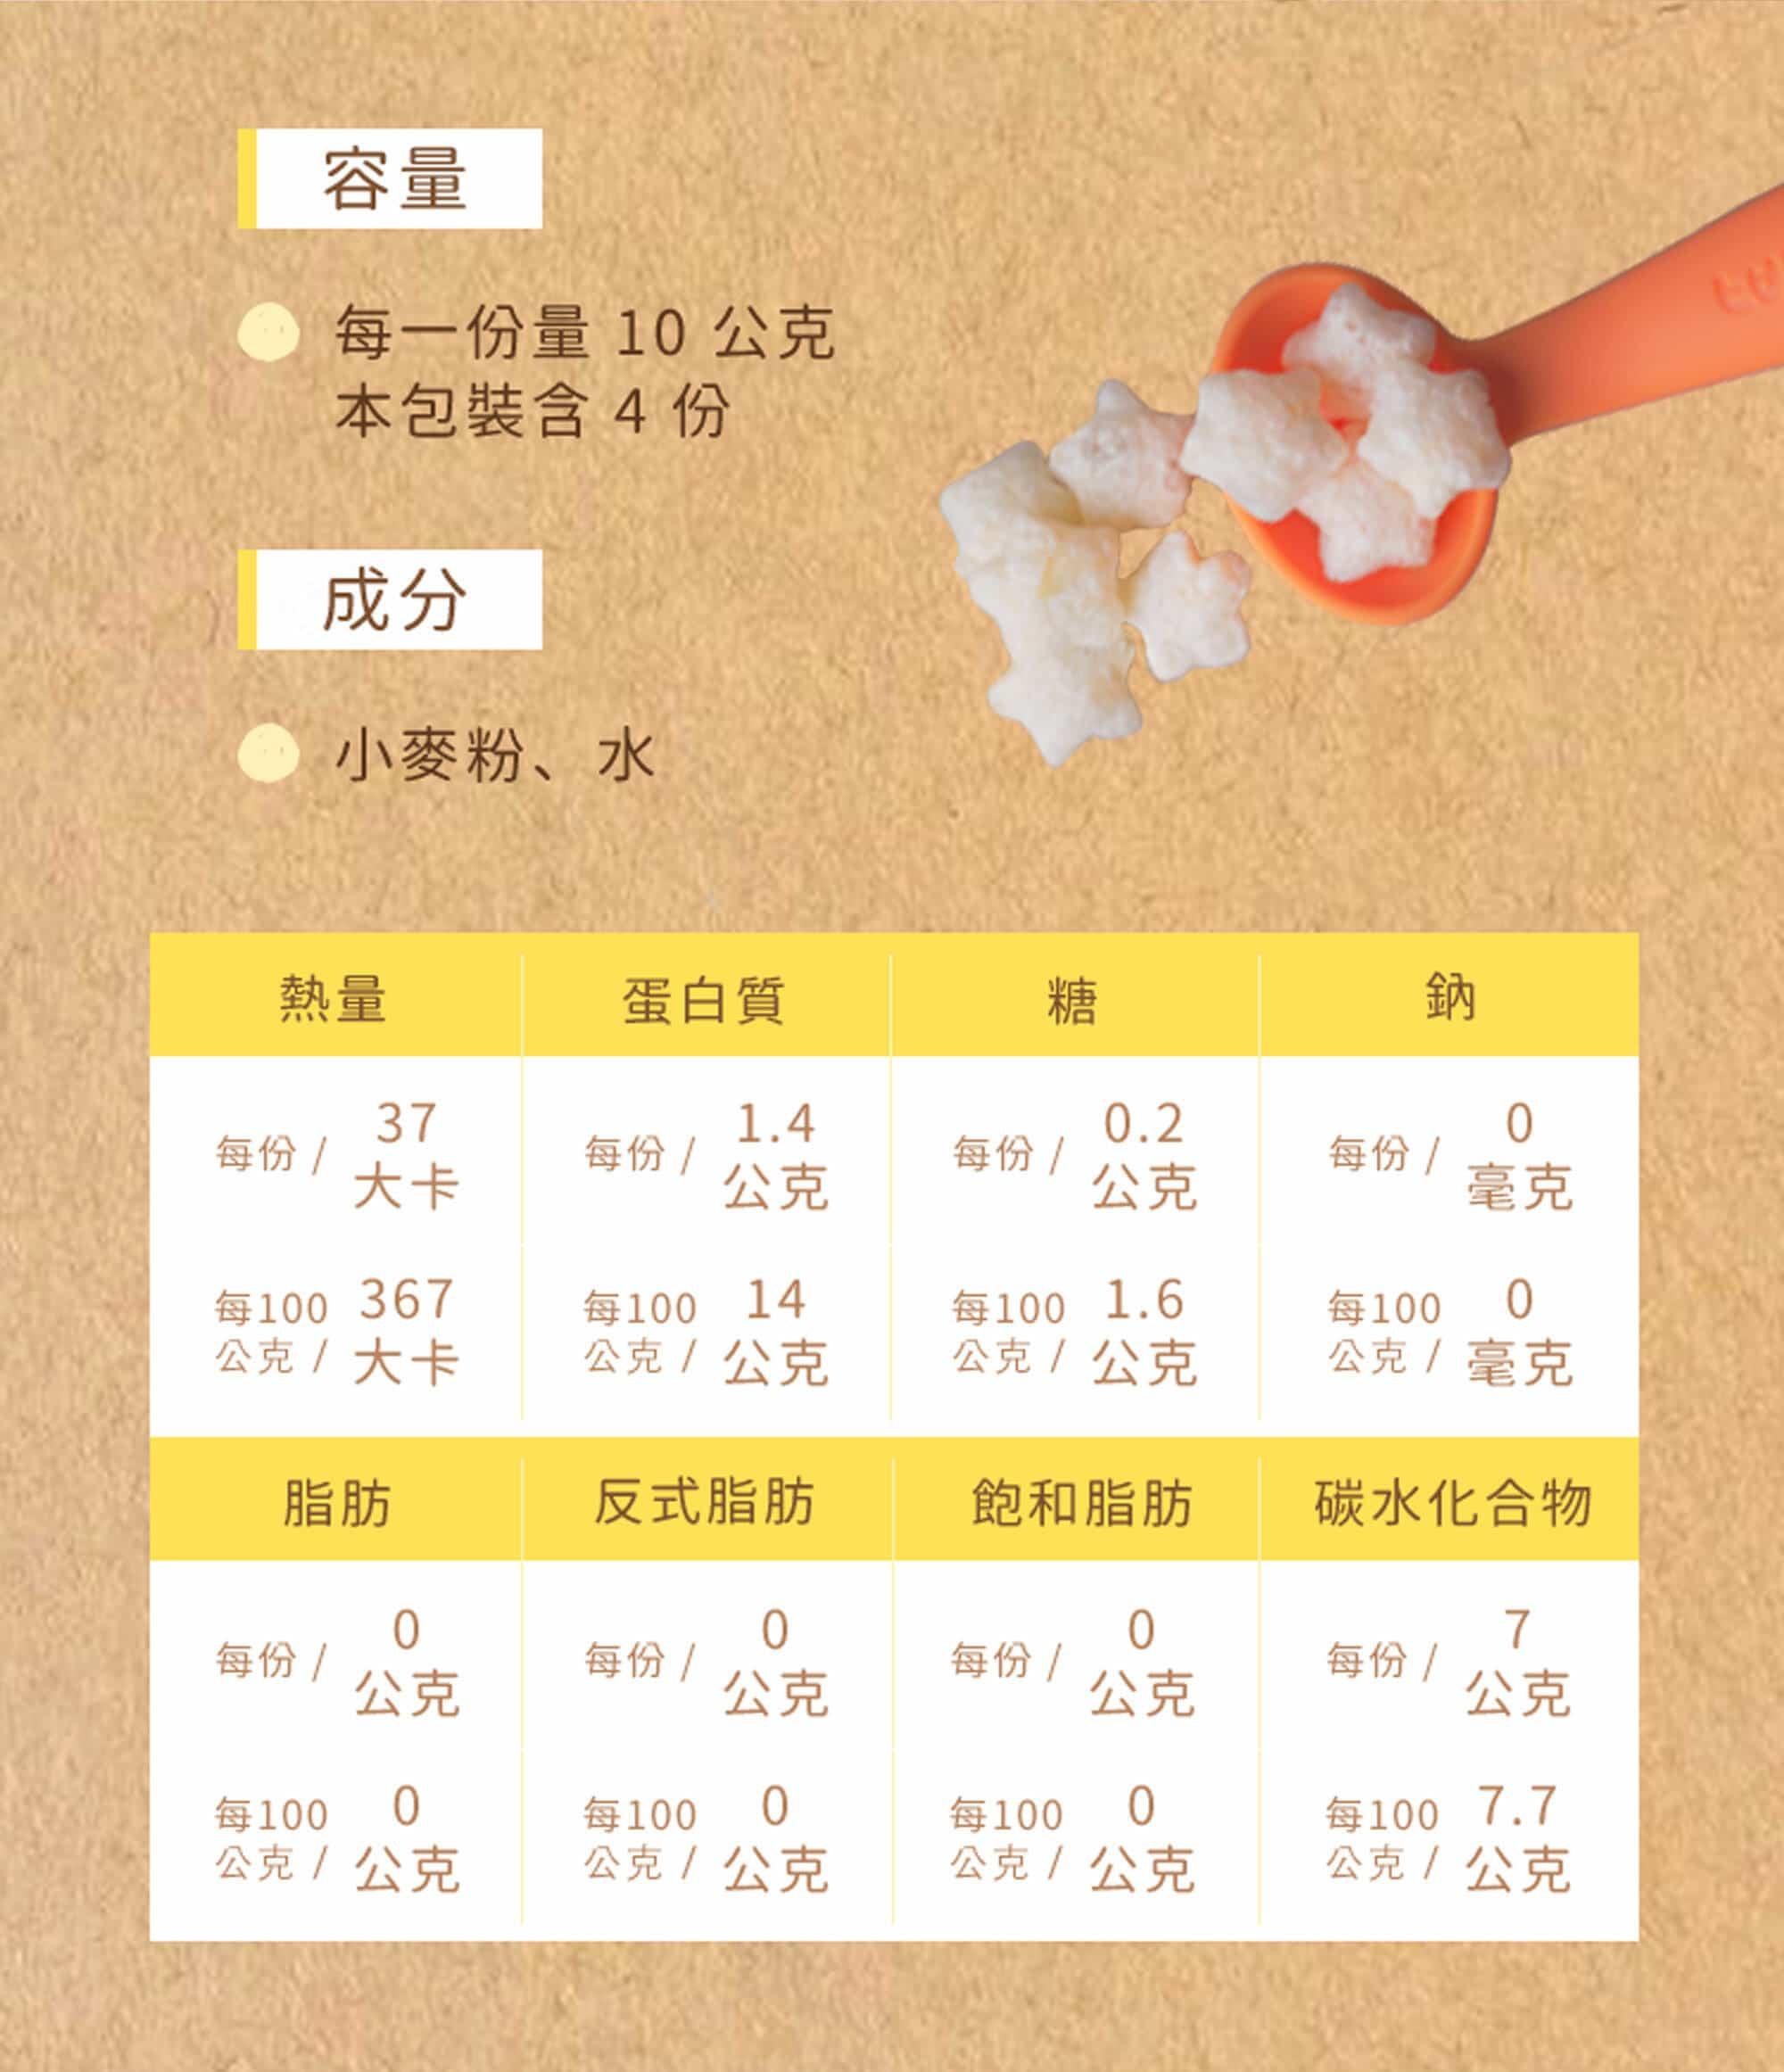 麥星星的成分表,麥星星原味總容量40公克,成分有小麥粉及水,每10公克37大卡,含蛋白質1.4公克、糖0.2公克、碳水化合物7公克。